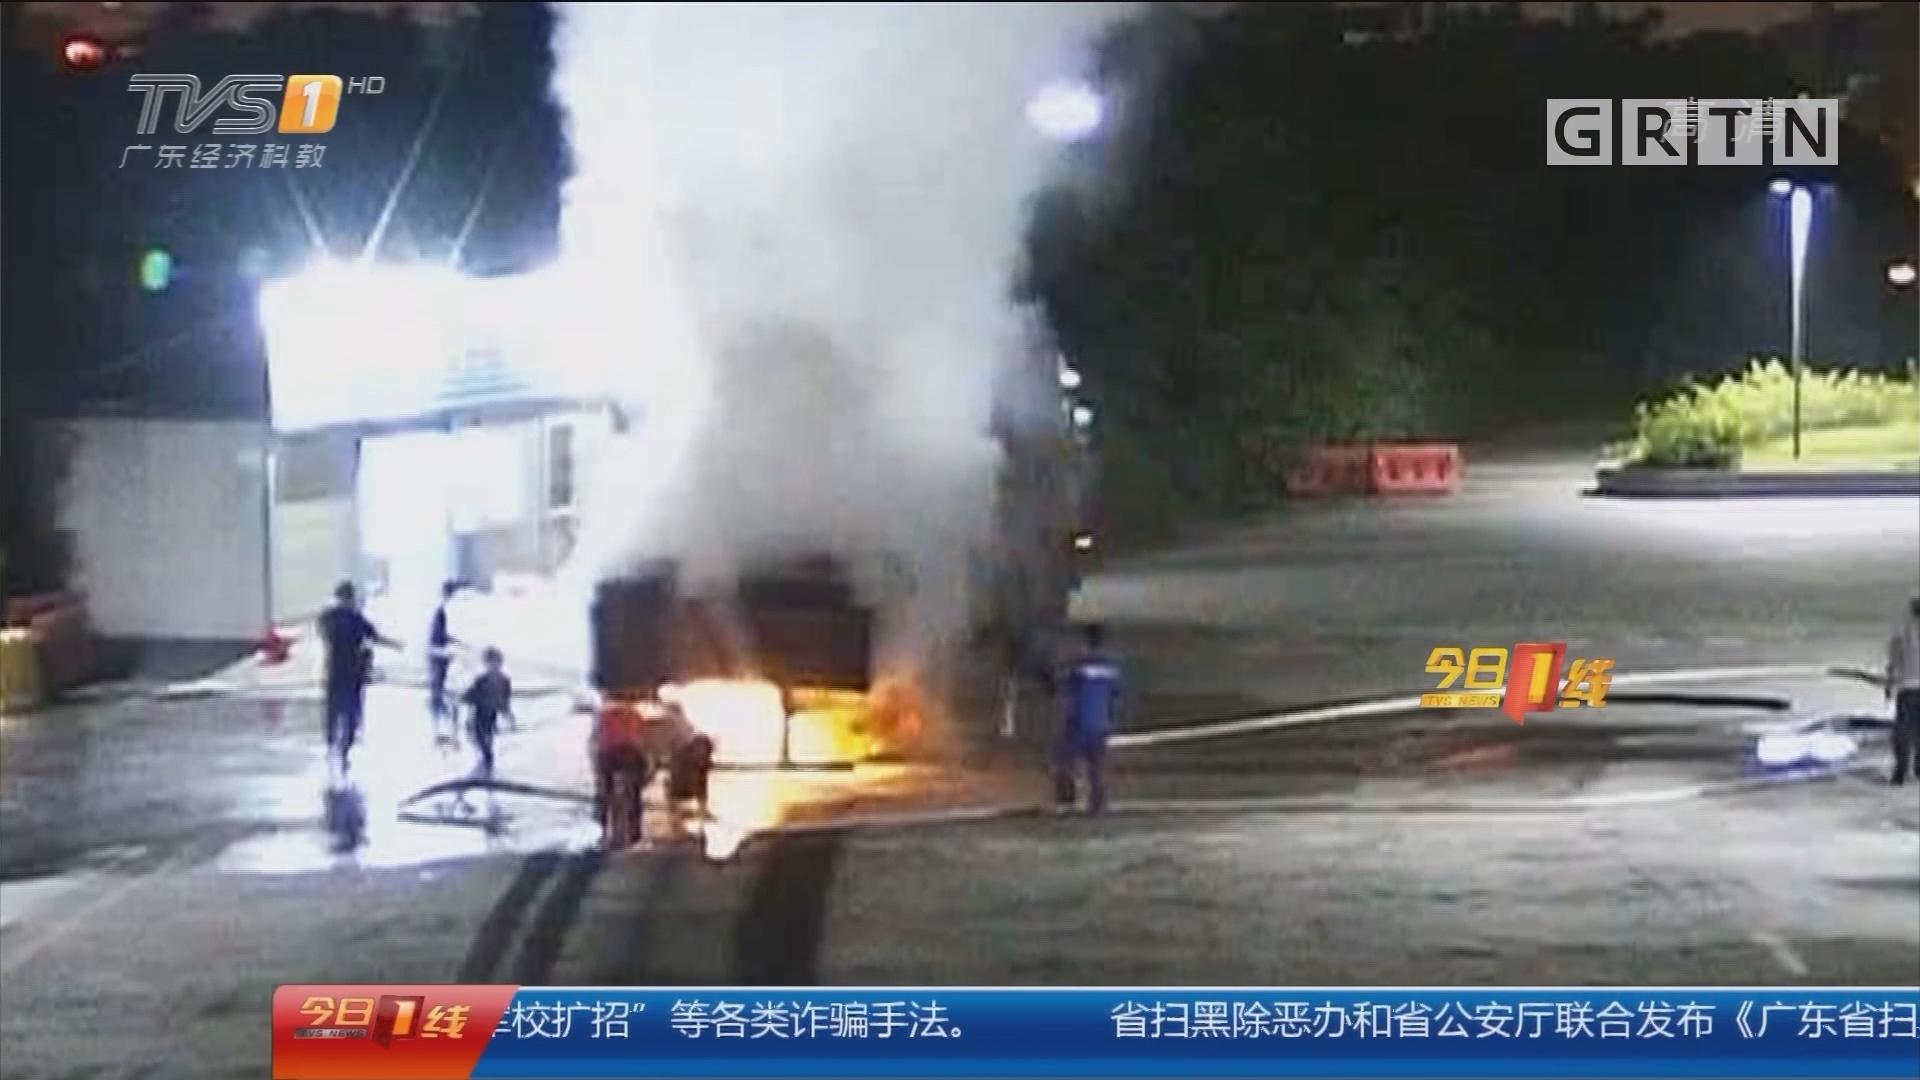 """广州火村:""""风火轮""""货车冲加油站 员工处置及时"""